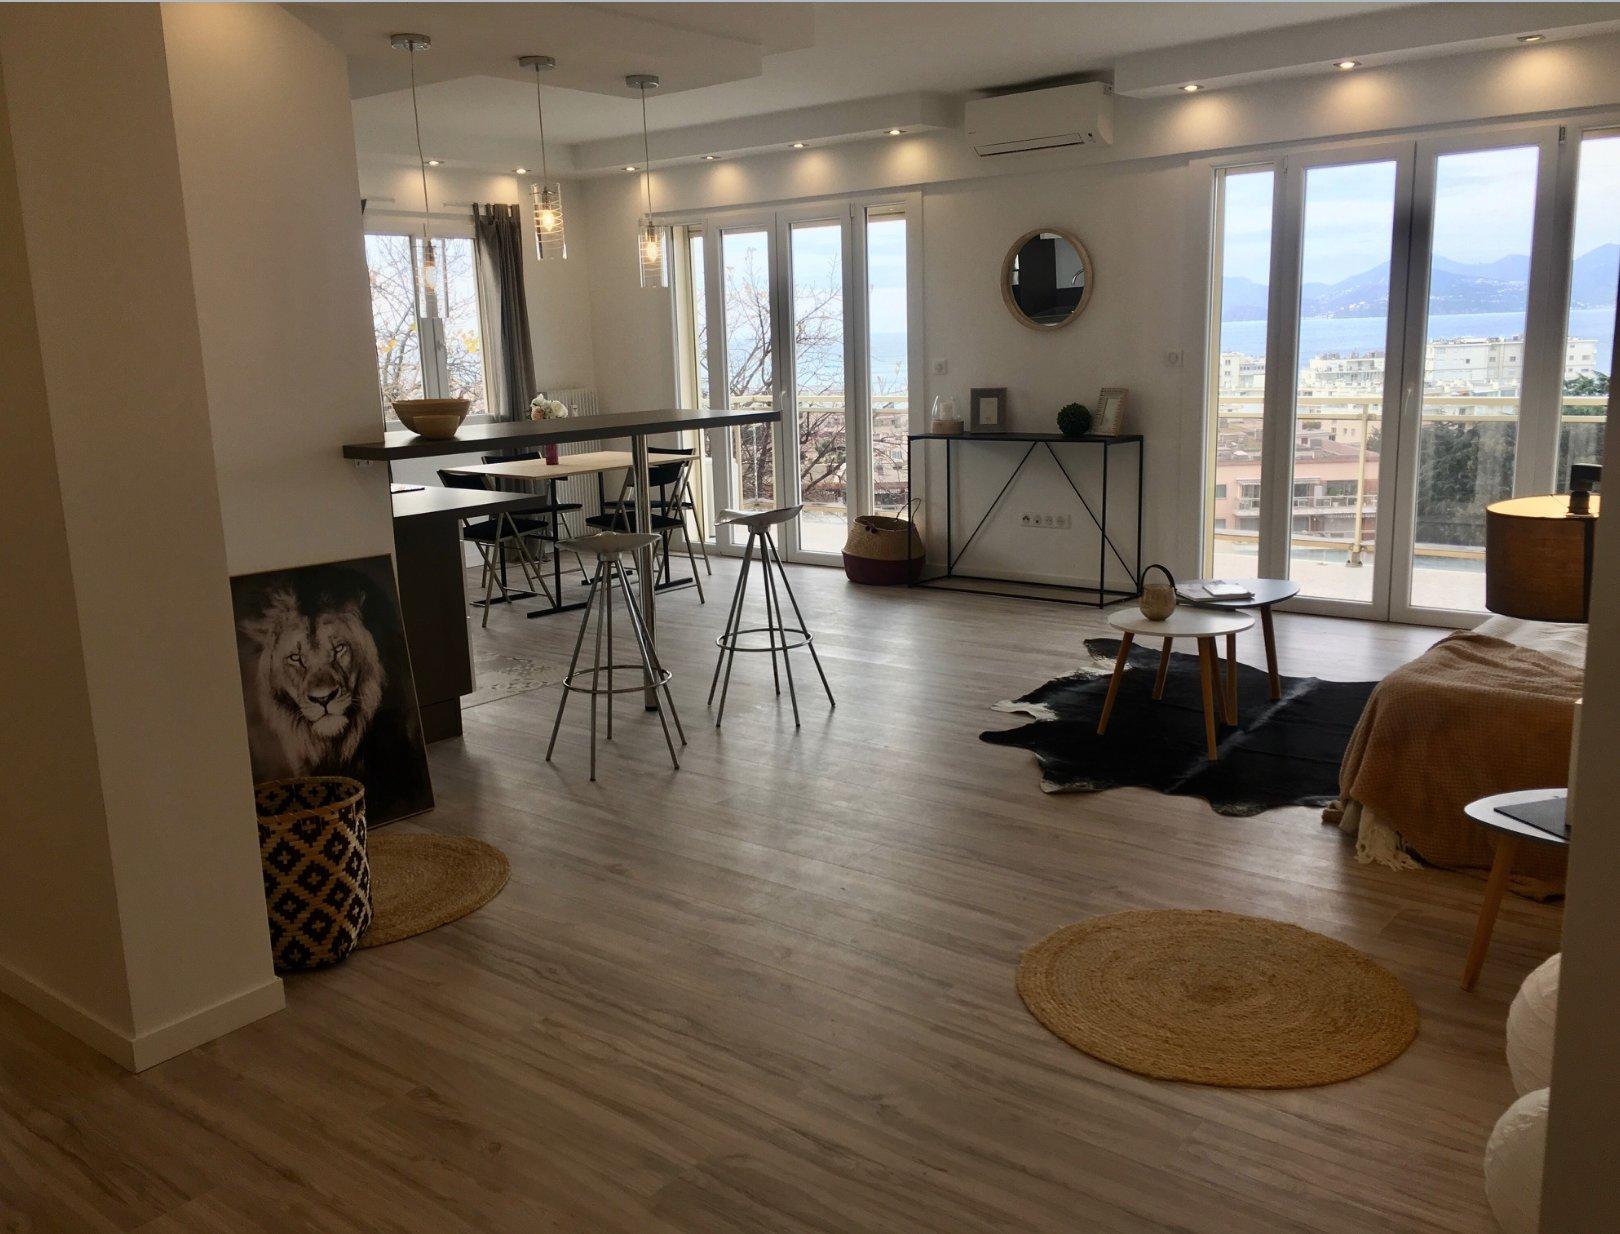 Cannes Dernier étage 3P 75 m2 Basse Caifornie rénové vue mer